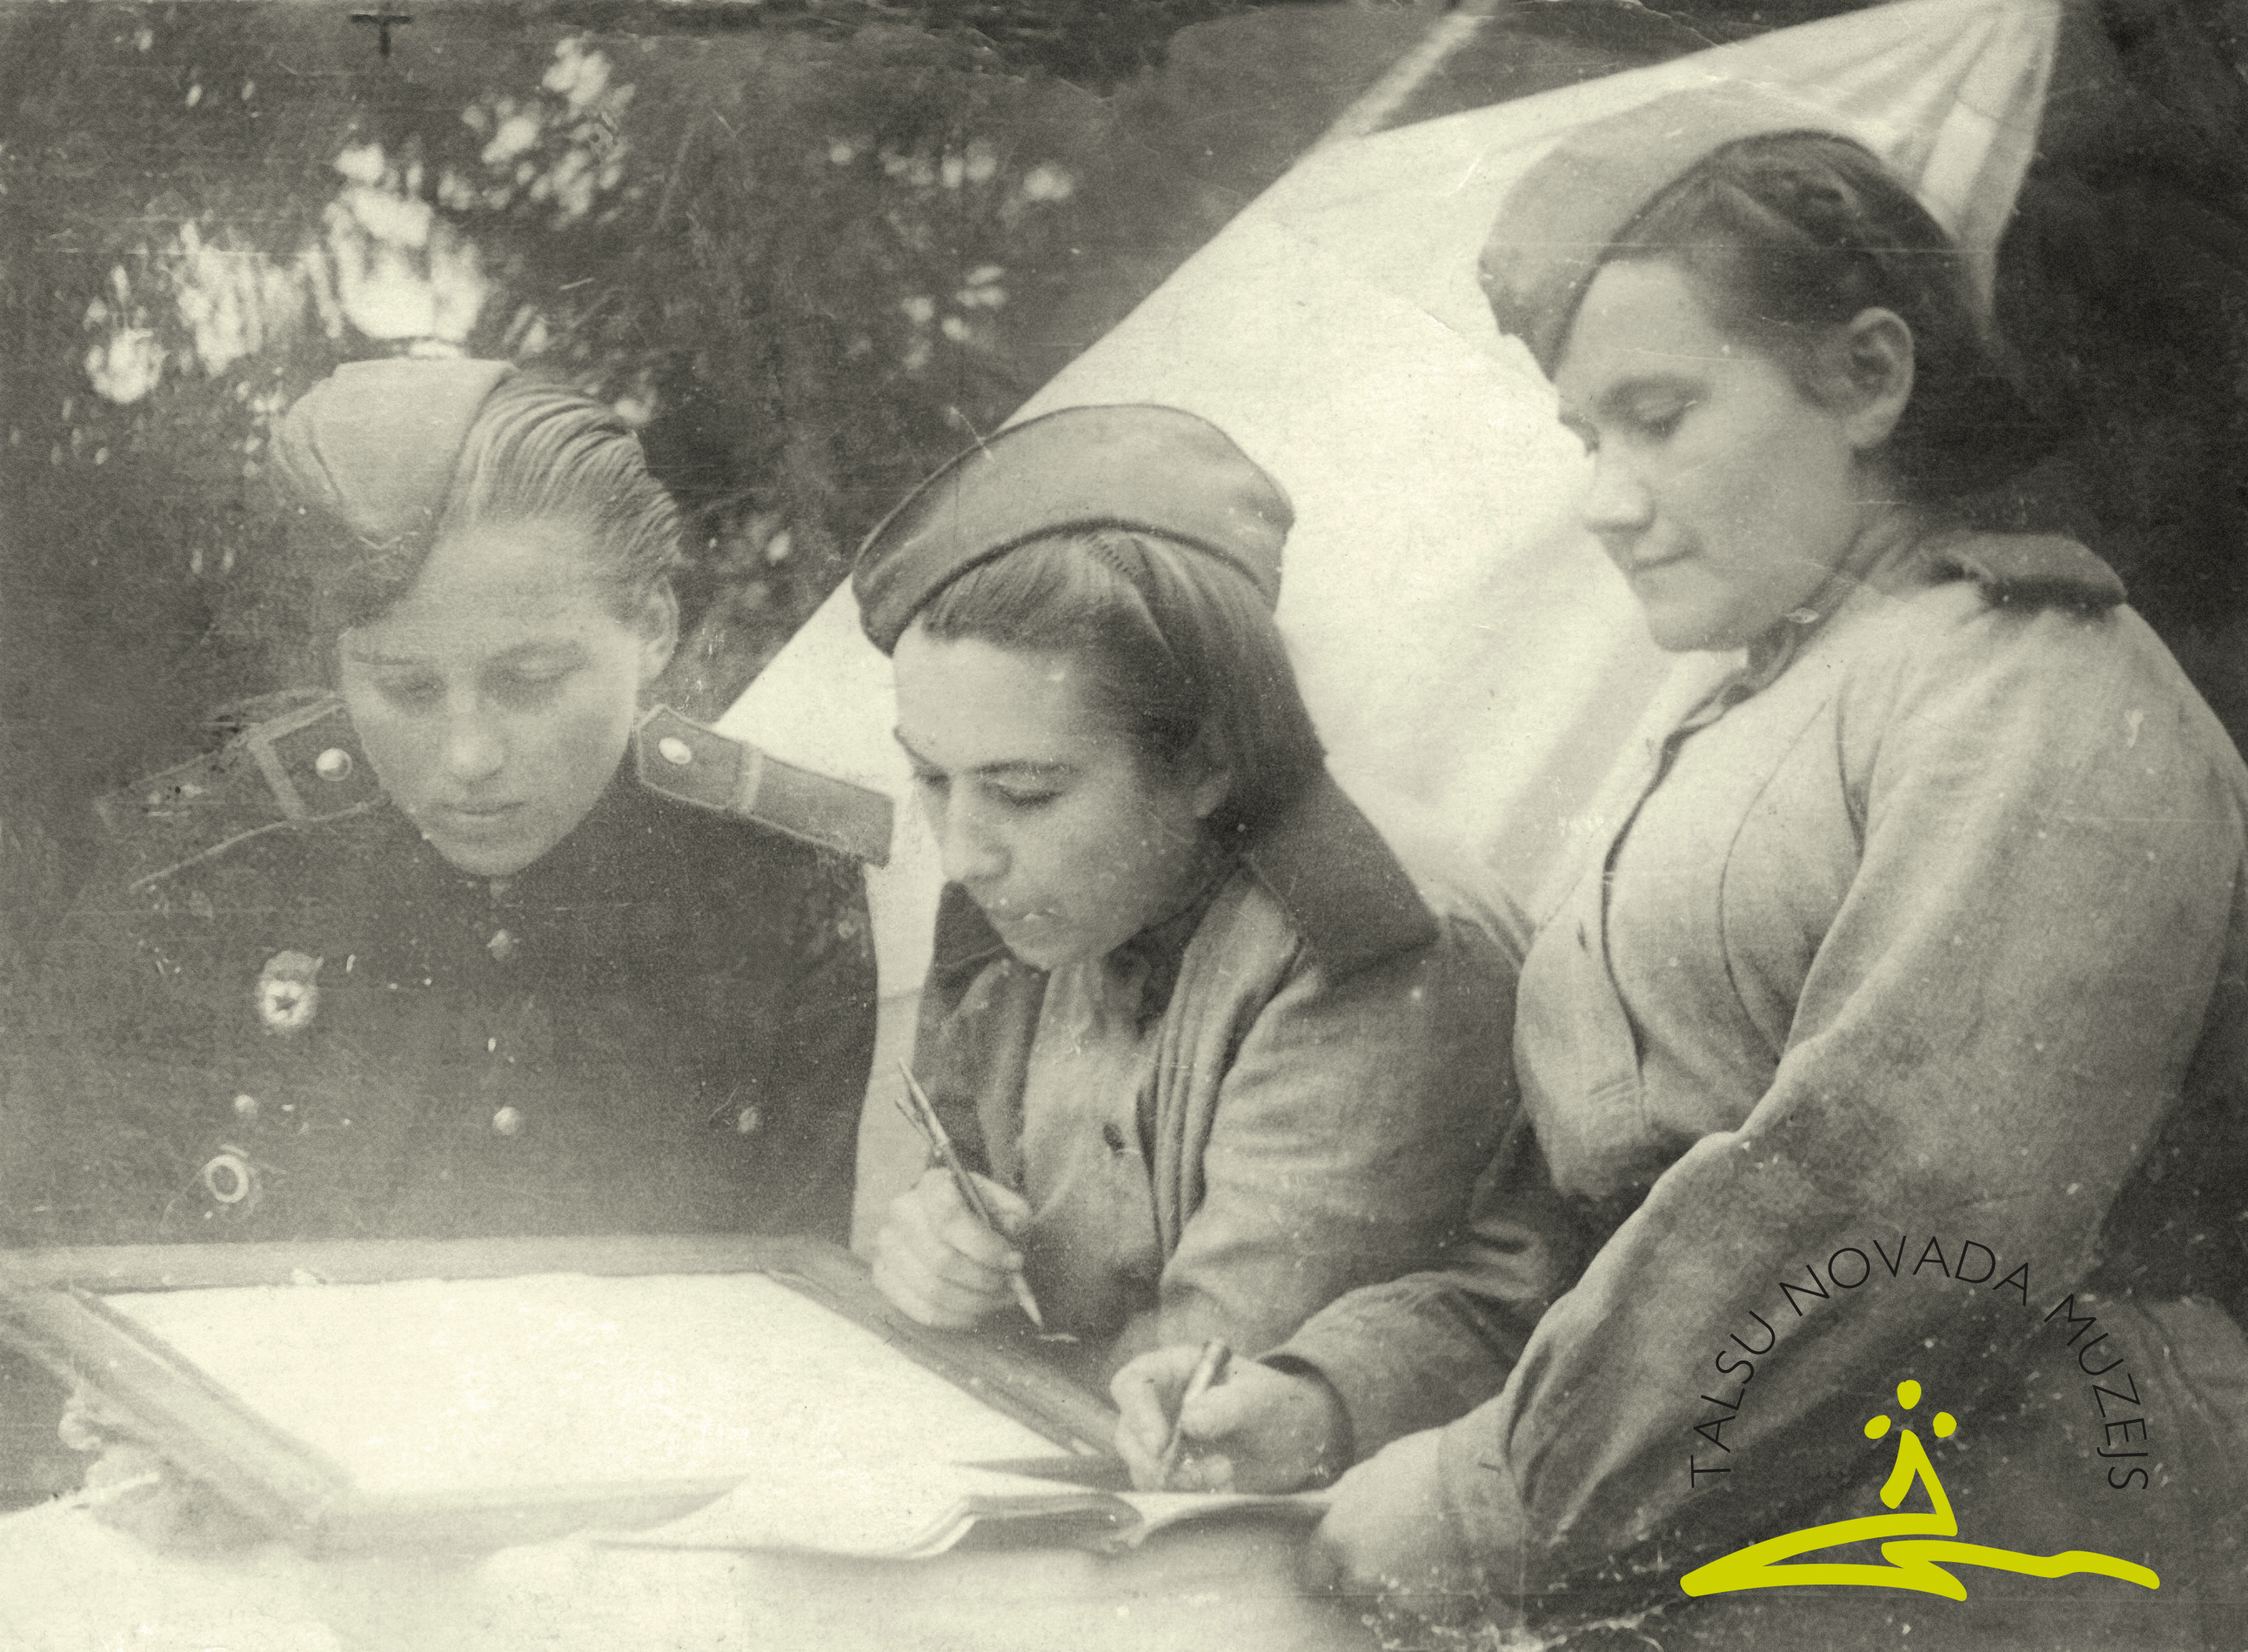 Latviešu strēlnieku divīzijas sanitārā dienesta darbinieces (Veiskate, A. Rudakova, Pikšāne) Otrā pasaules kara laikā